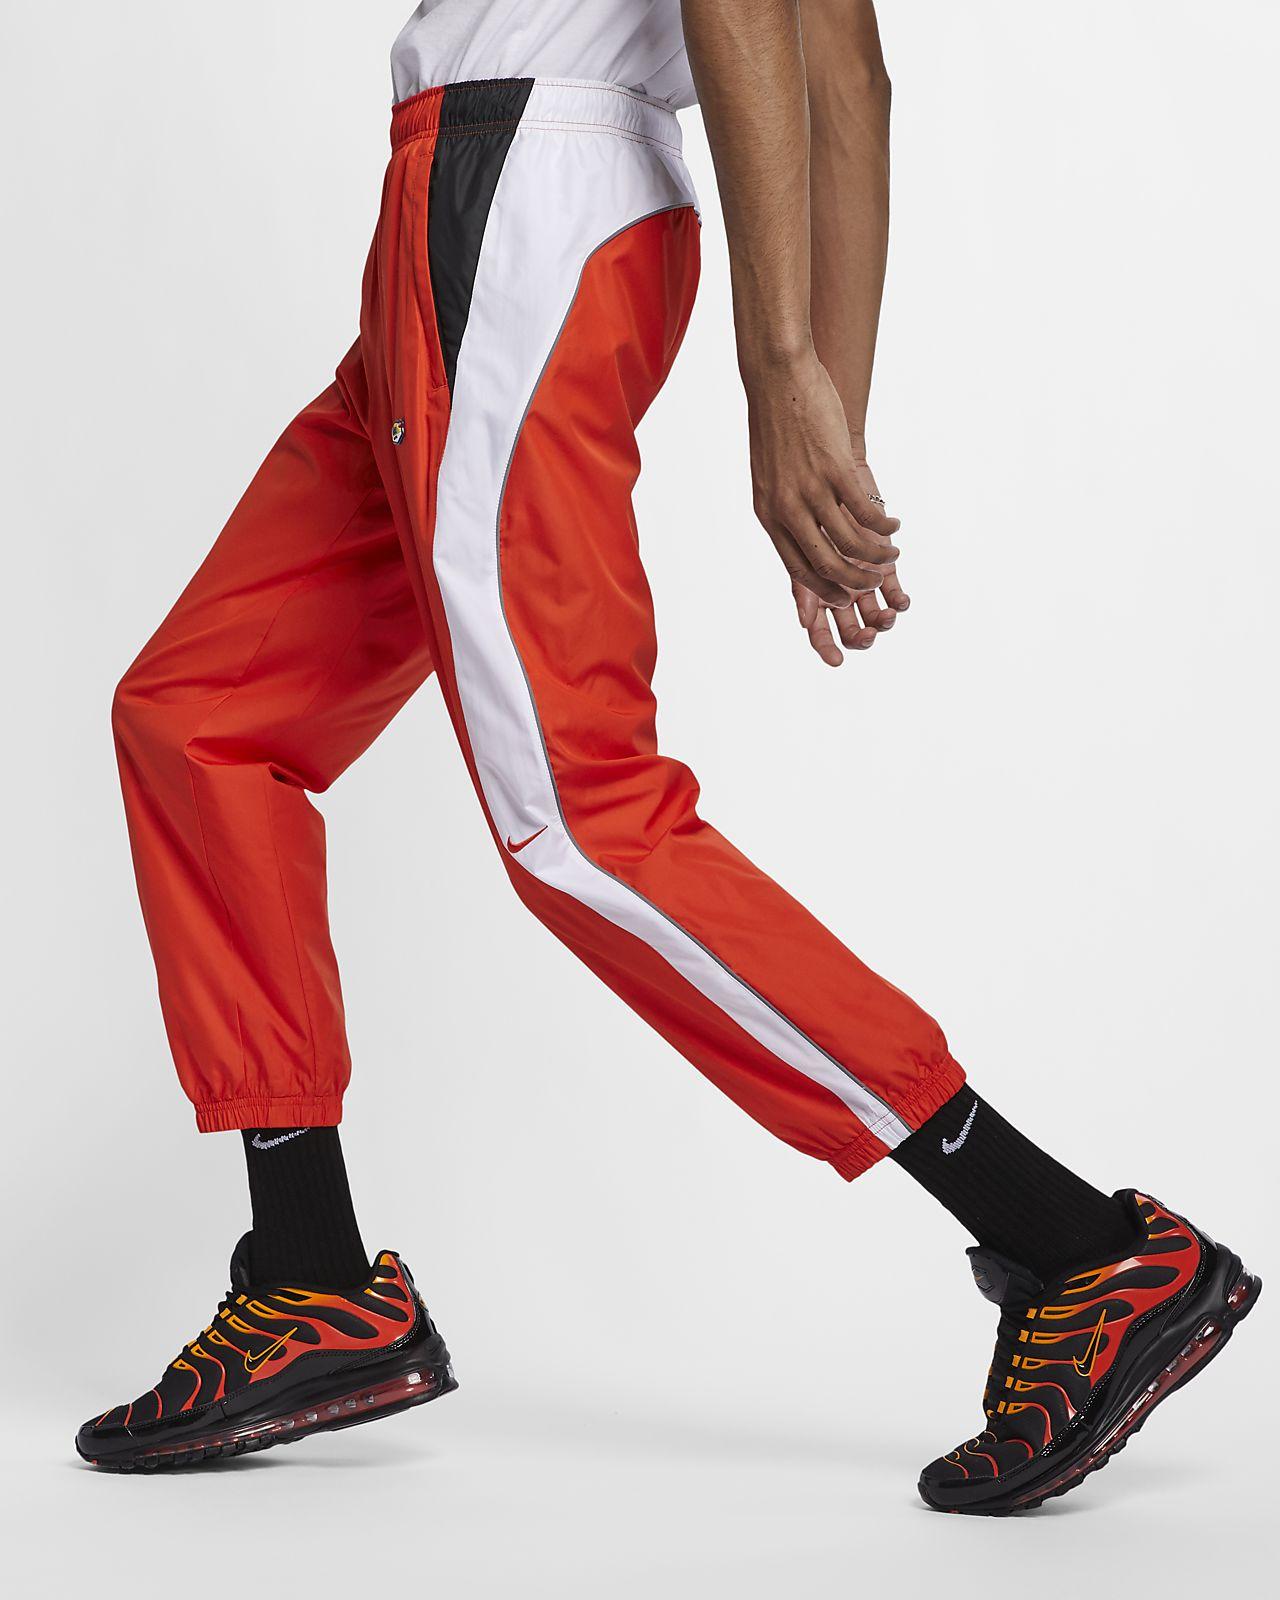 NikeLab Collection Tn férfi melegítőnadrág